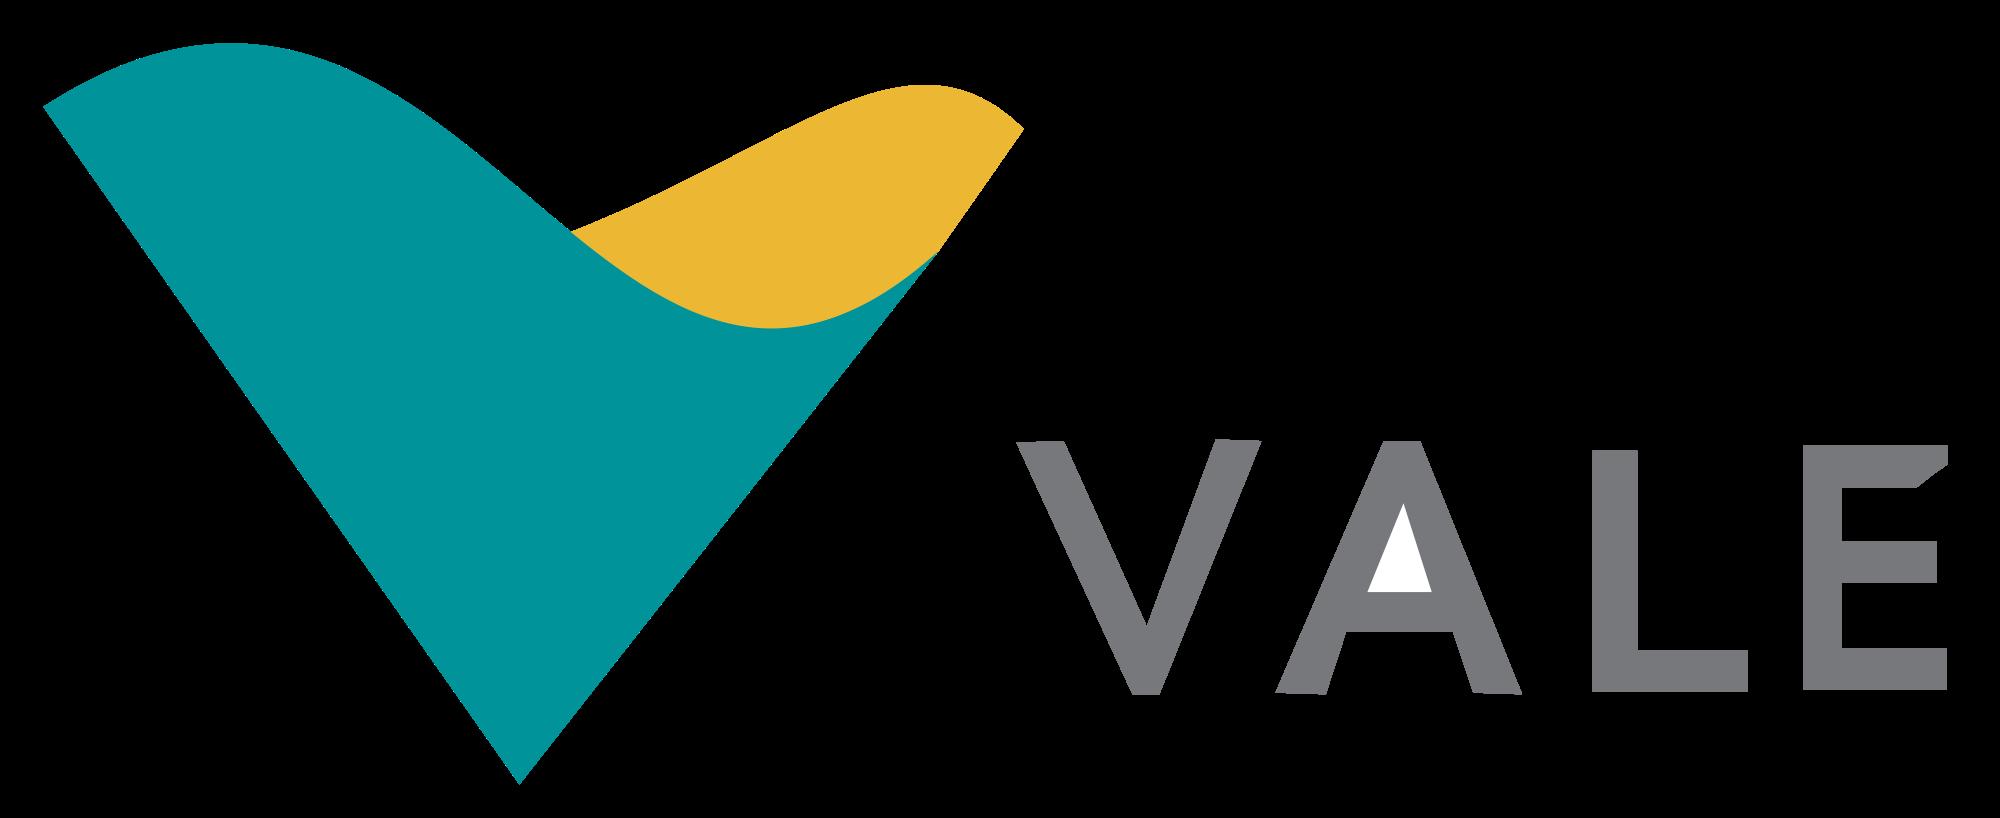 VALE</br> Mineração